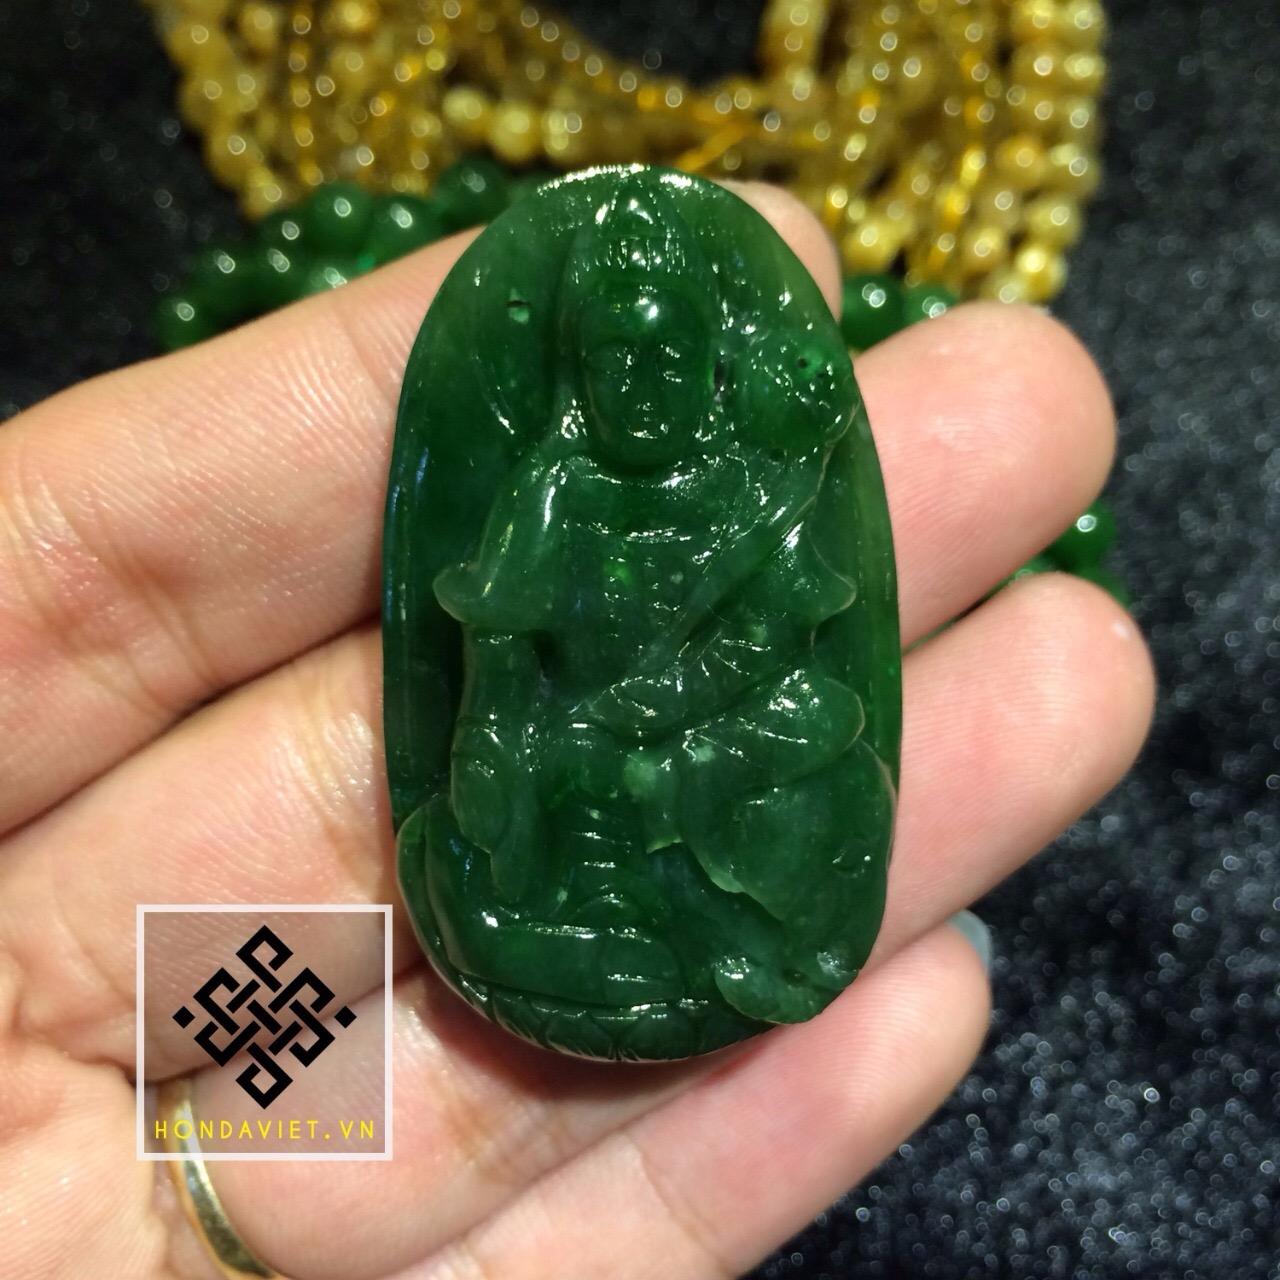 Mặt Dây Chuyền Phật Bản Mệnh Ngọc Bích (MD020) - 2